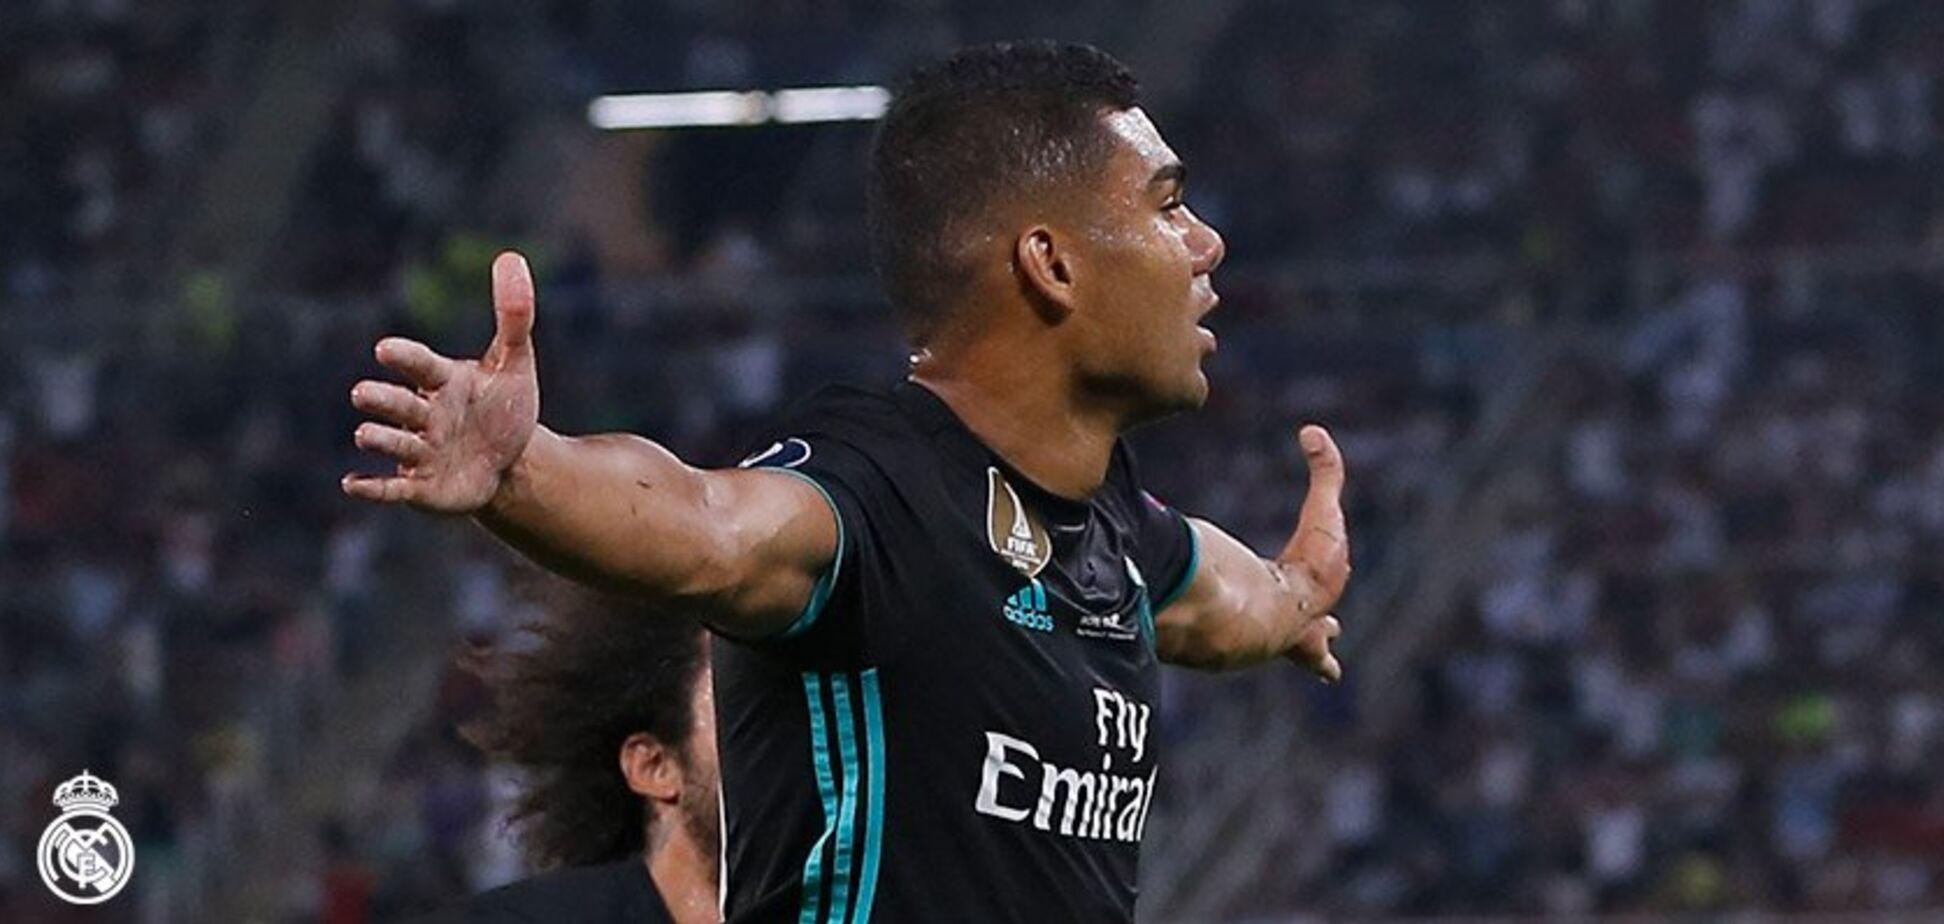 'Реал' обіграв 'Манчестер Юнайтед' і завоював Суперкубок УЄФА